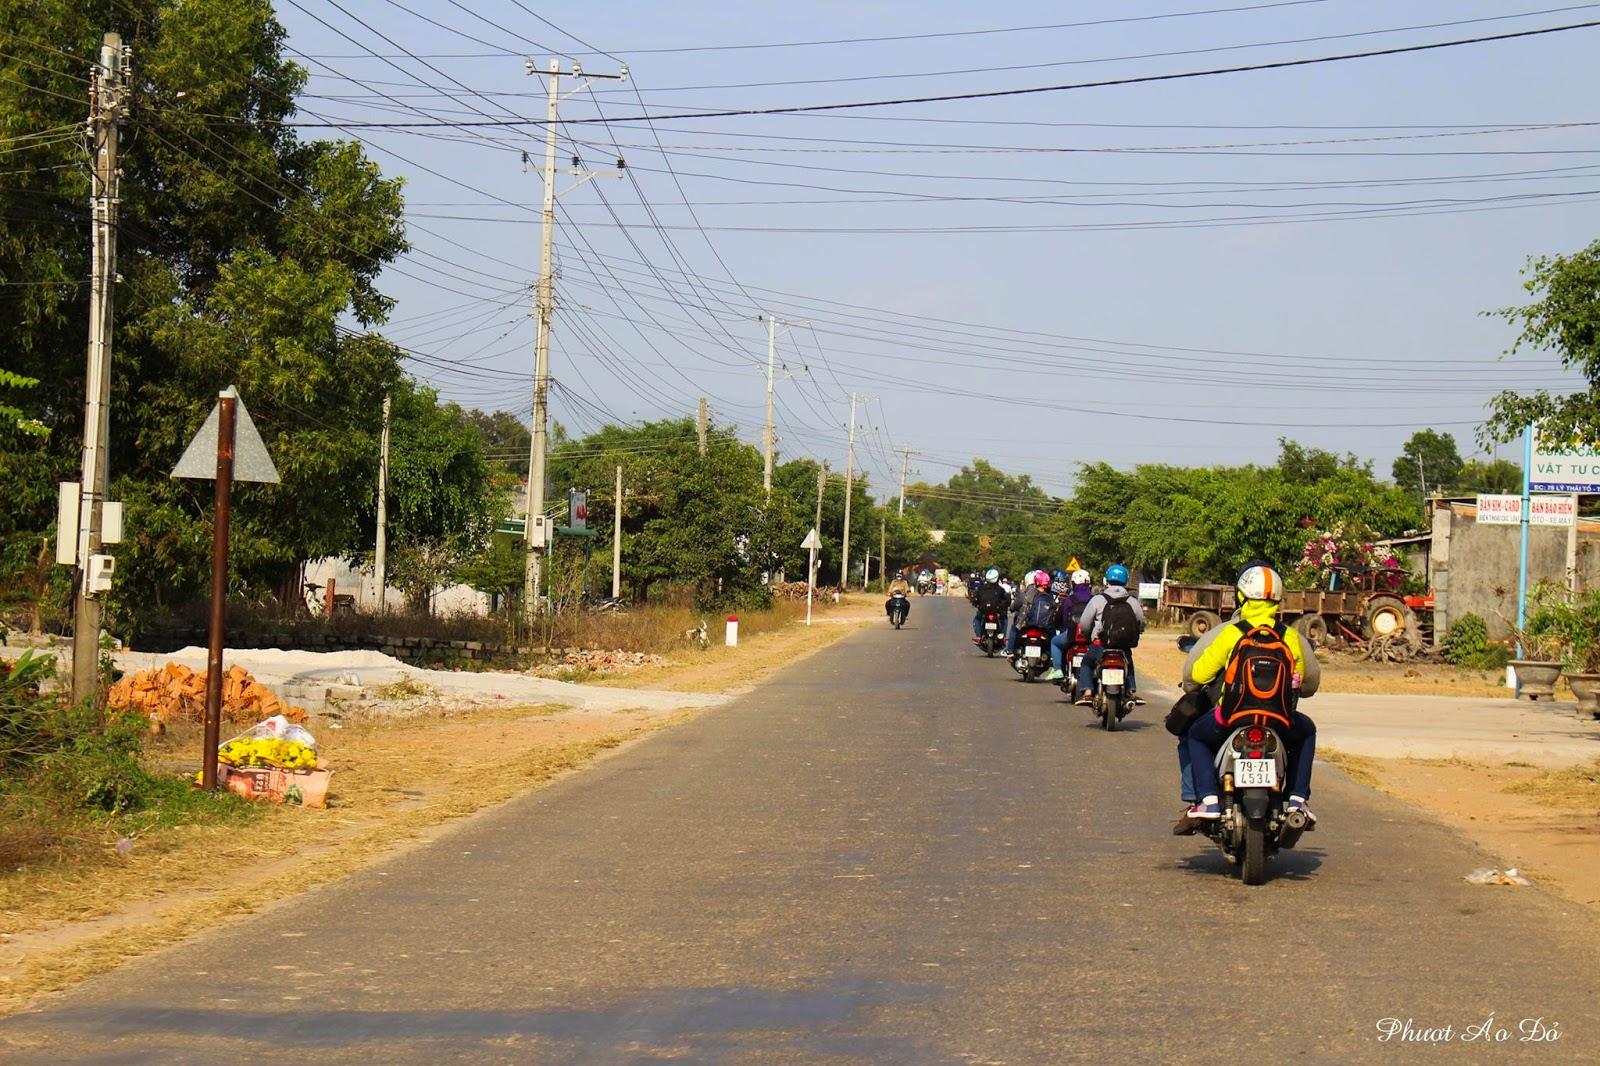 Review chuyến phượt Phan Thiết - Phan Rang - Đà Lạt xuất phát từ Sài Gòn: Phần 1 Con đường đầy nắng